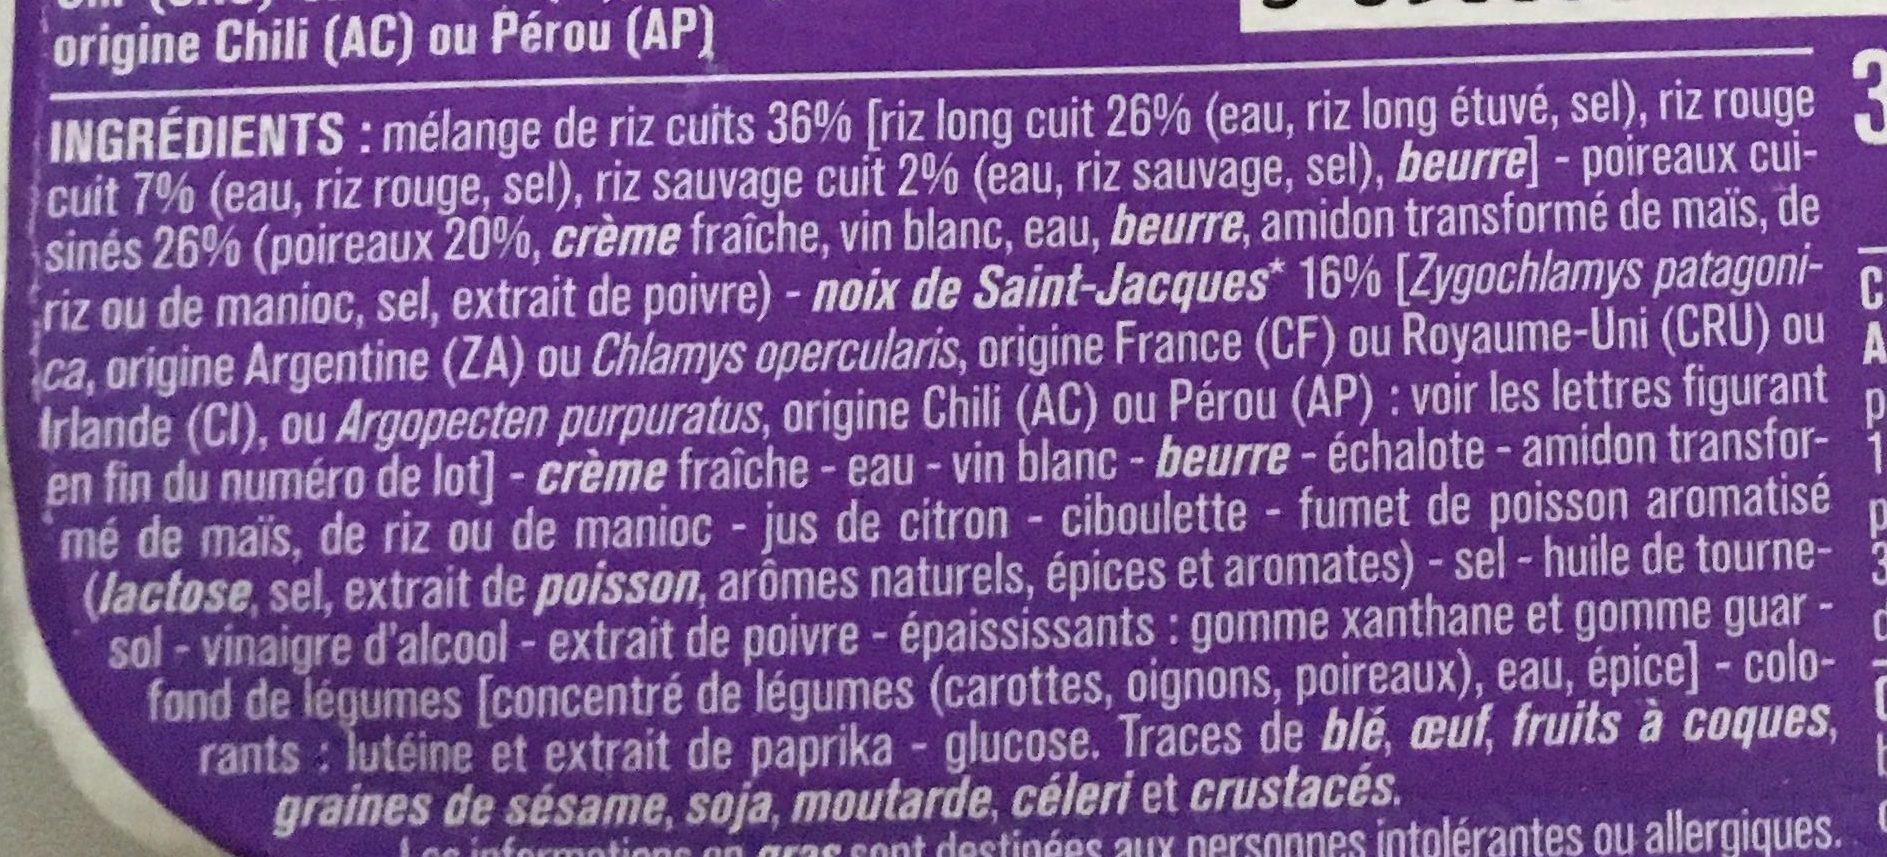 Noix de saint-Jacques poireaux cuisinés et trio de riz assortis - Ingredients